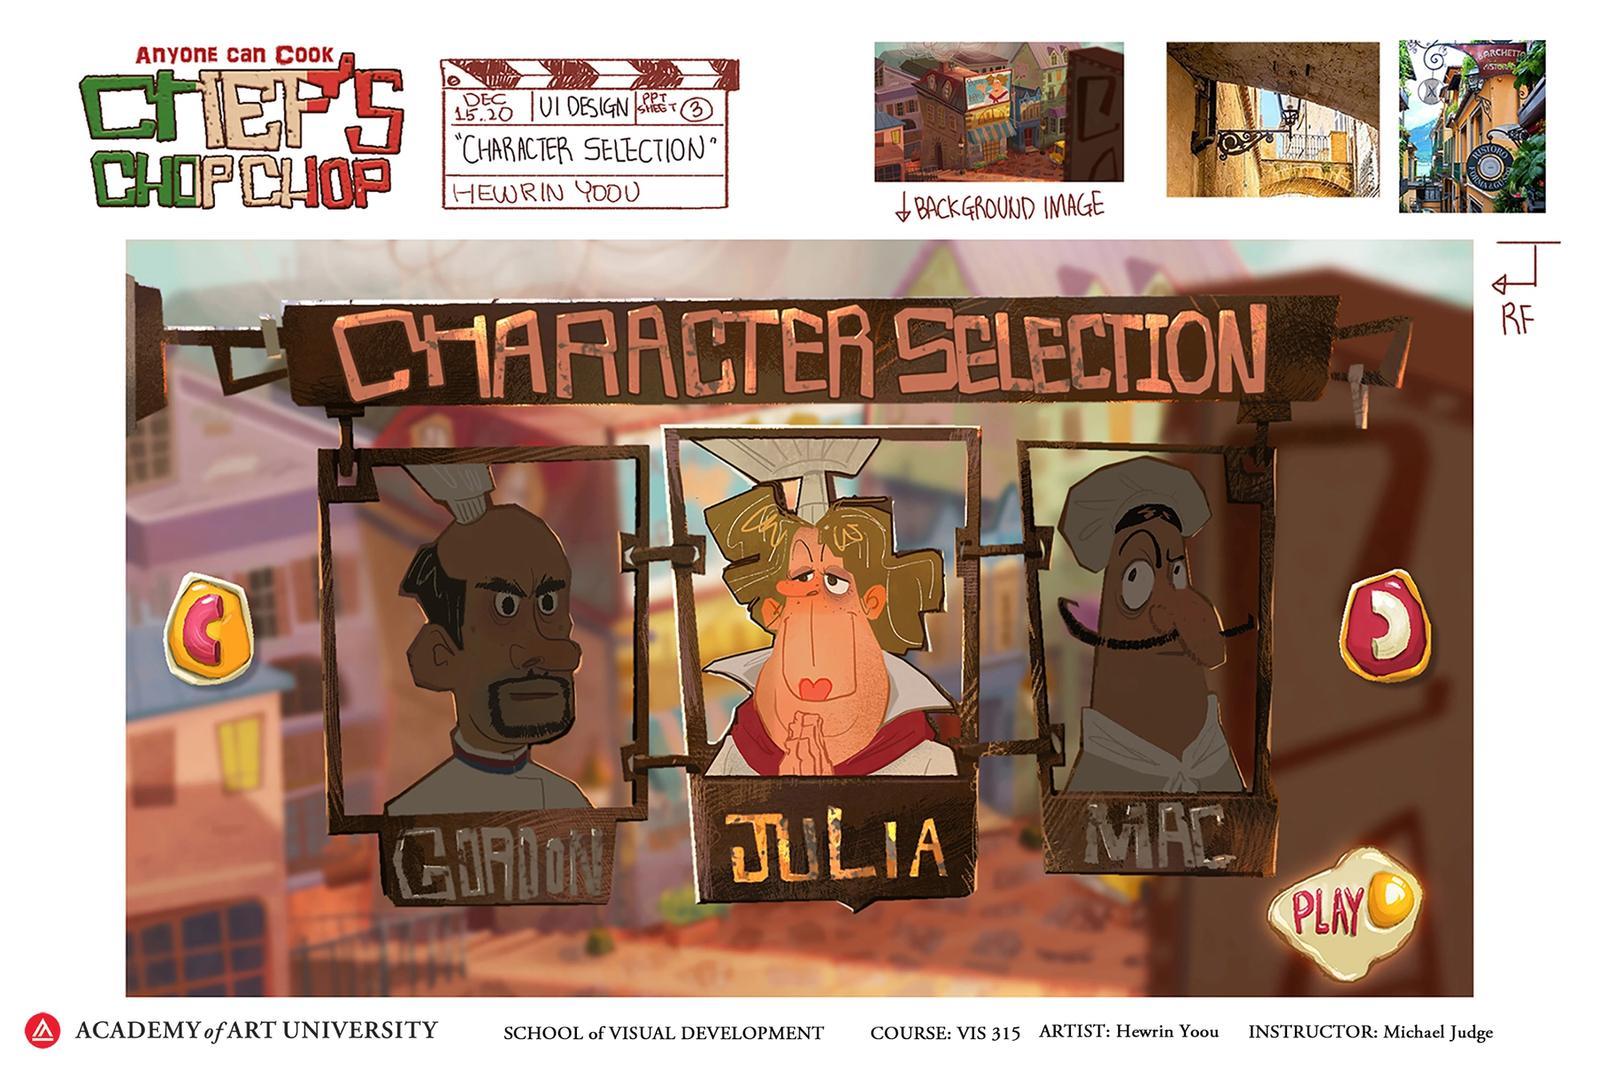 Character Selection - Hewrin Yoou